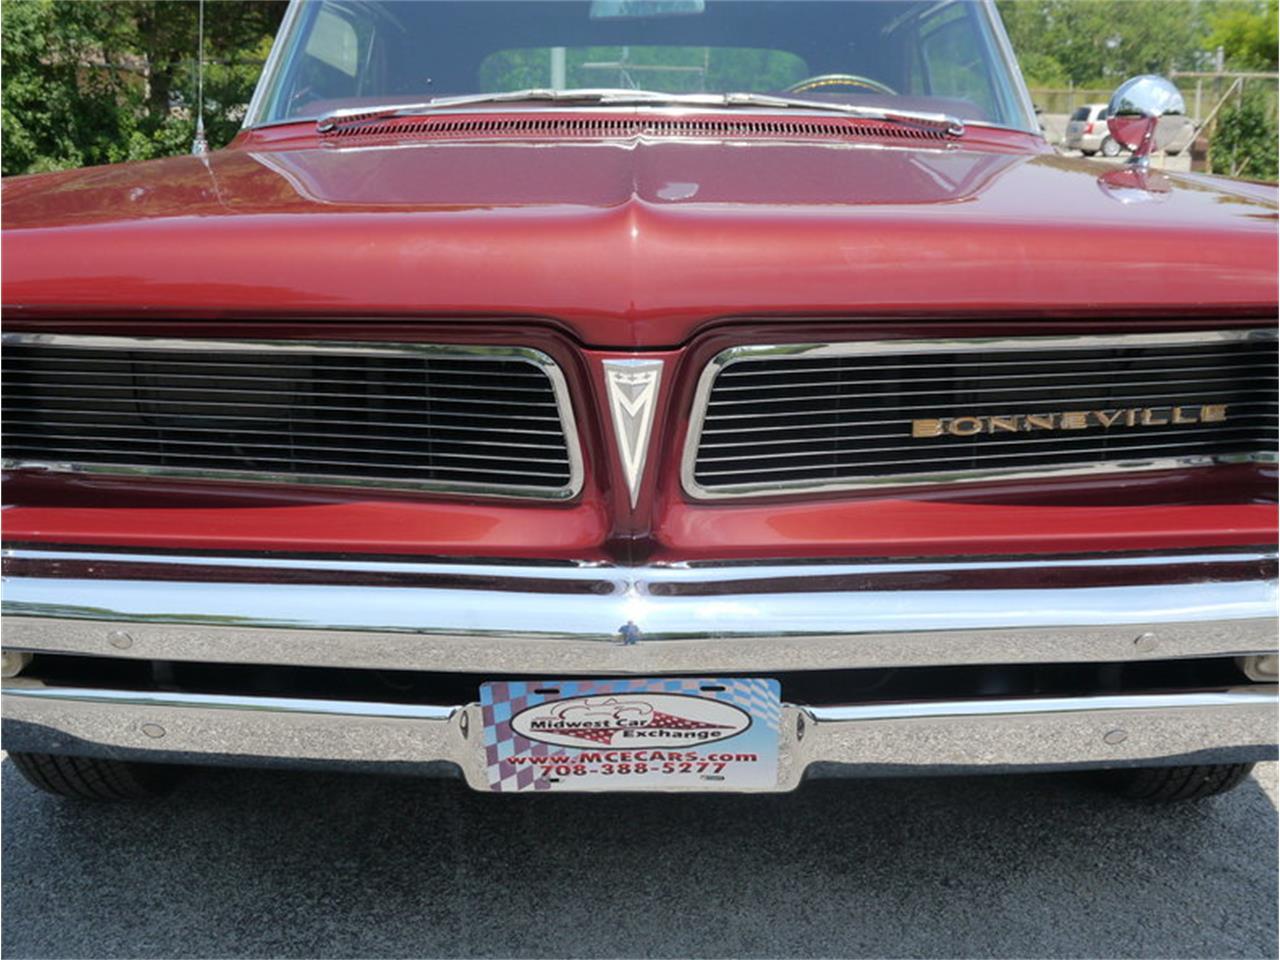 Large Picture of Classic 1963 Bonneville - $29,900.00 - LAZG